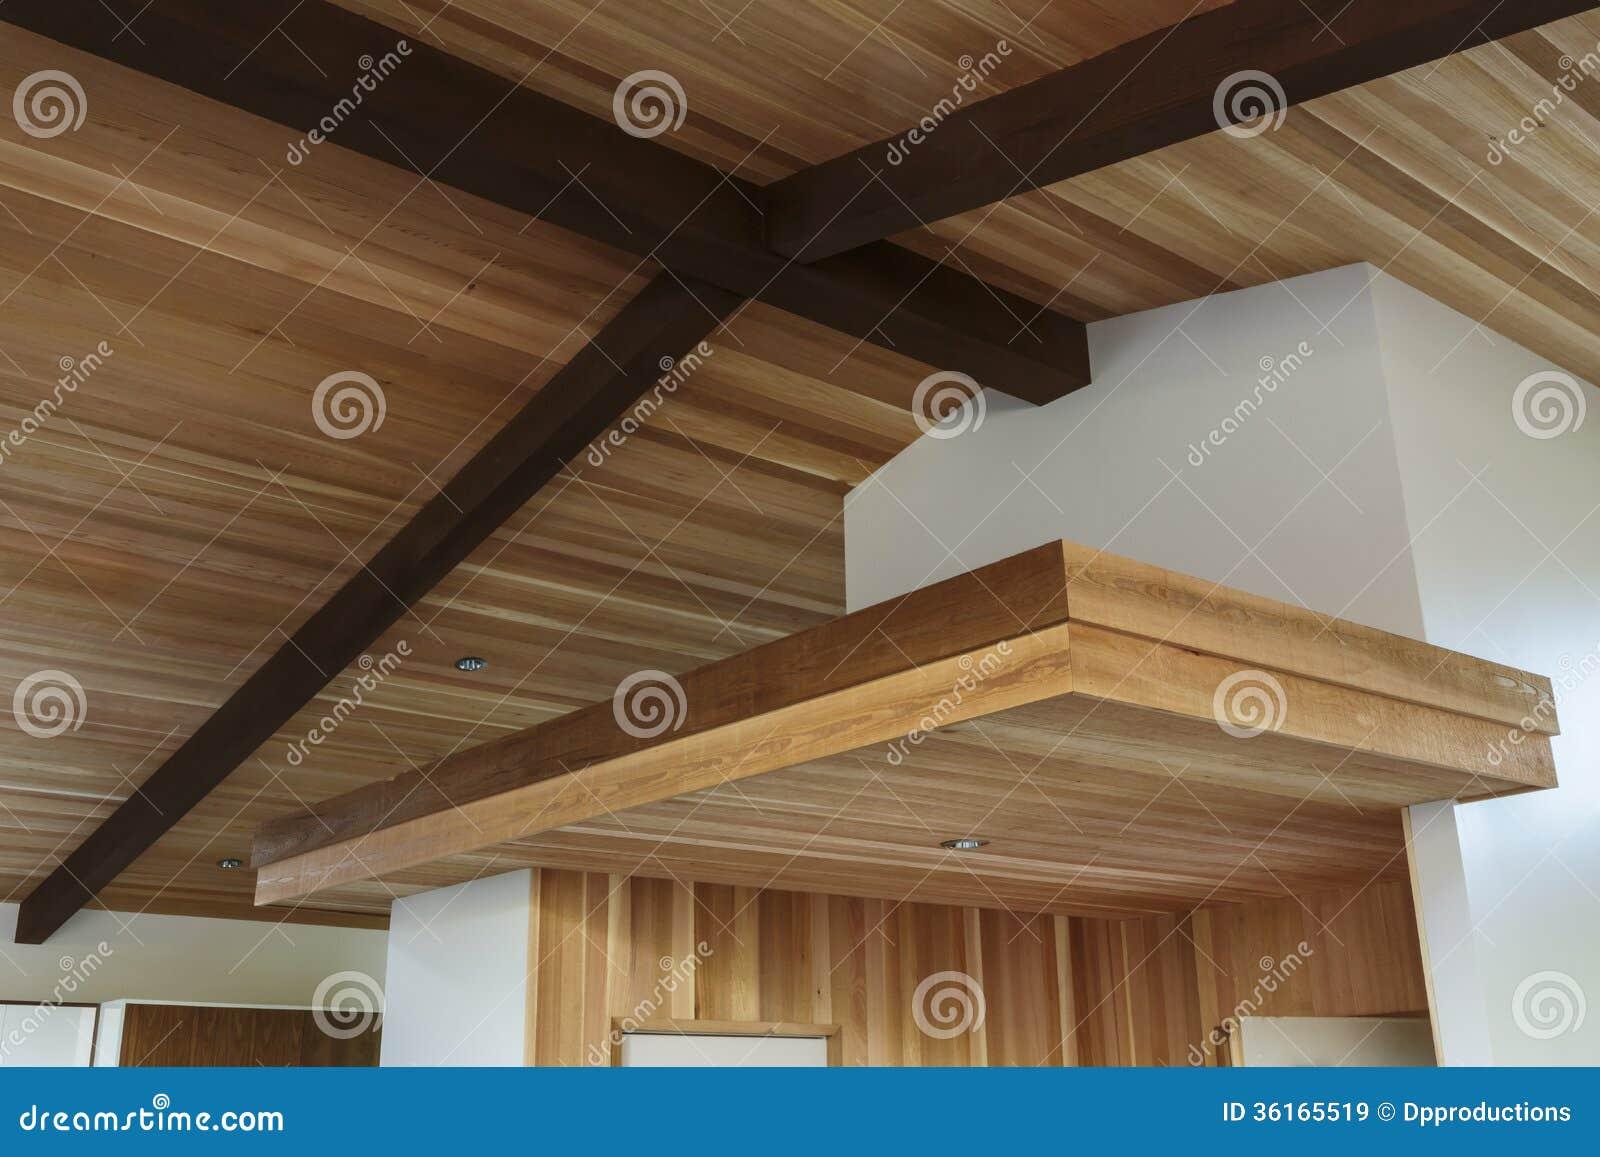 Soffitti In Legno Moderni : Travi a vista finte qualità soffitti in legno moderni scaffale